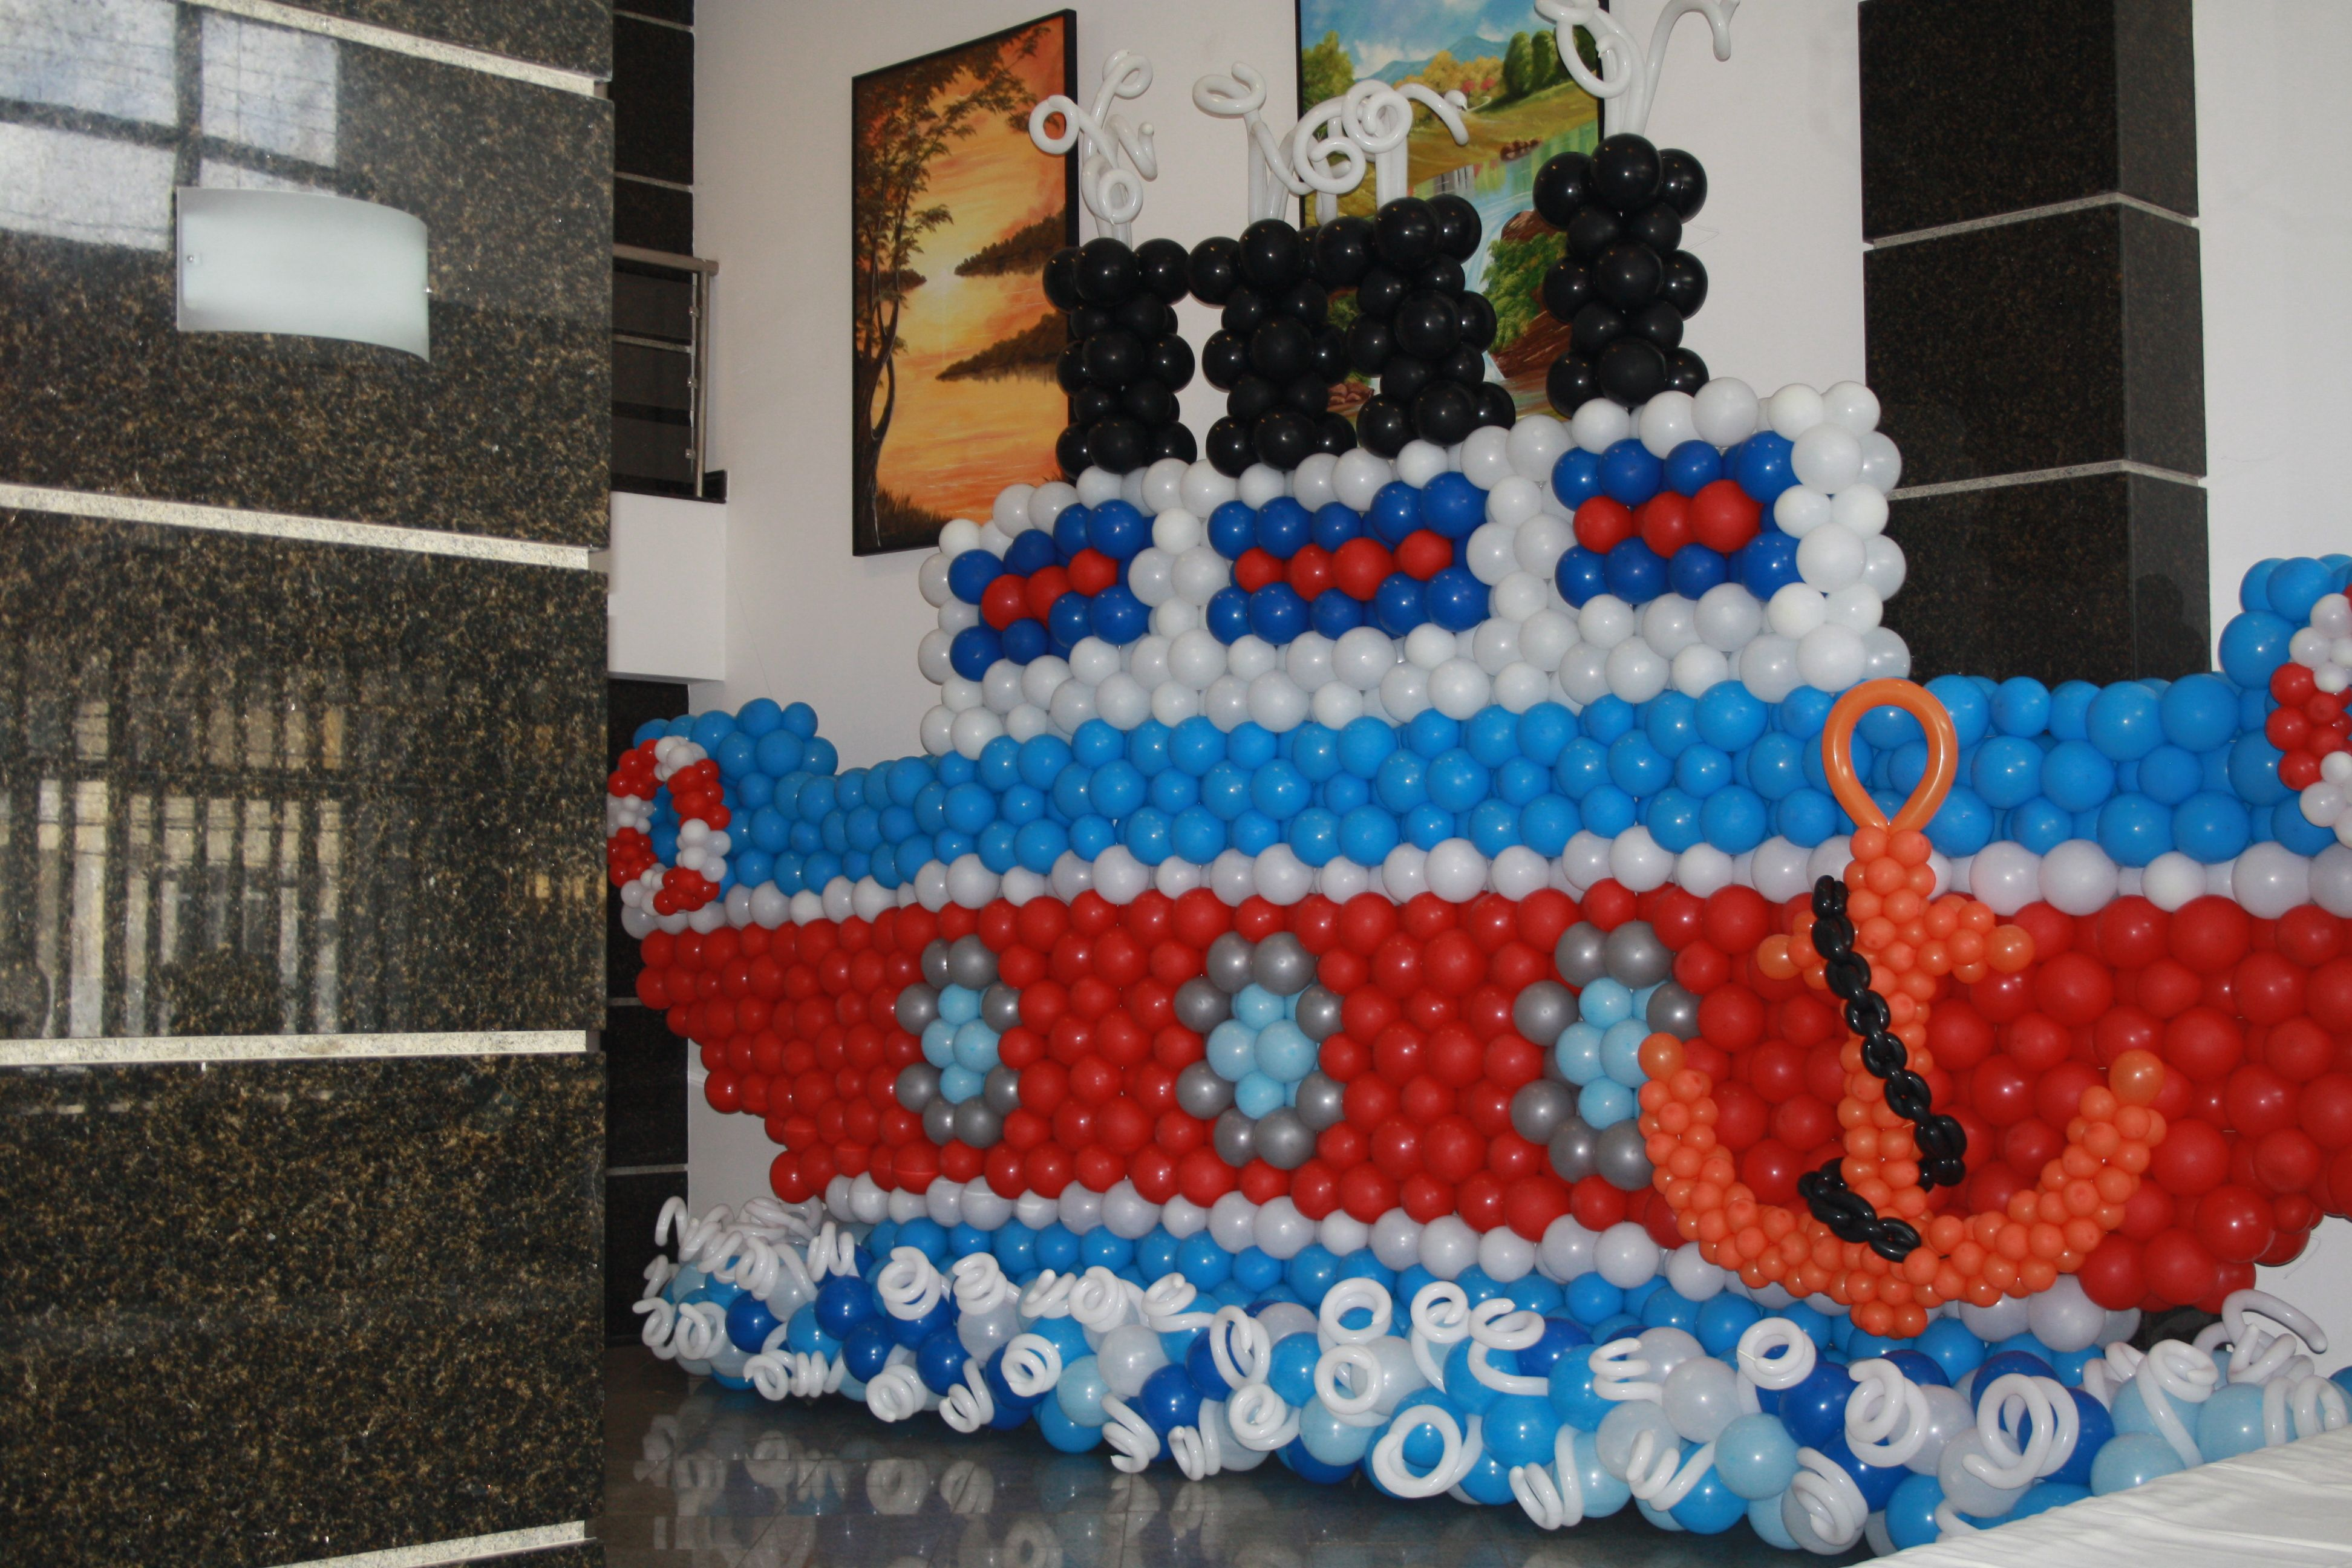 Seminário de Arte com Balões, em Salvador Bahia/2014  Realização: Hortênsia Riccio www.hortensiariccio.com.br